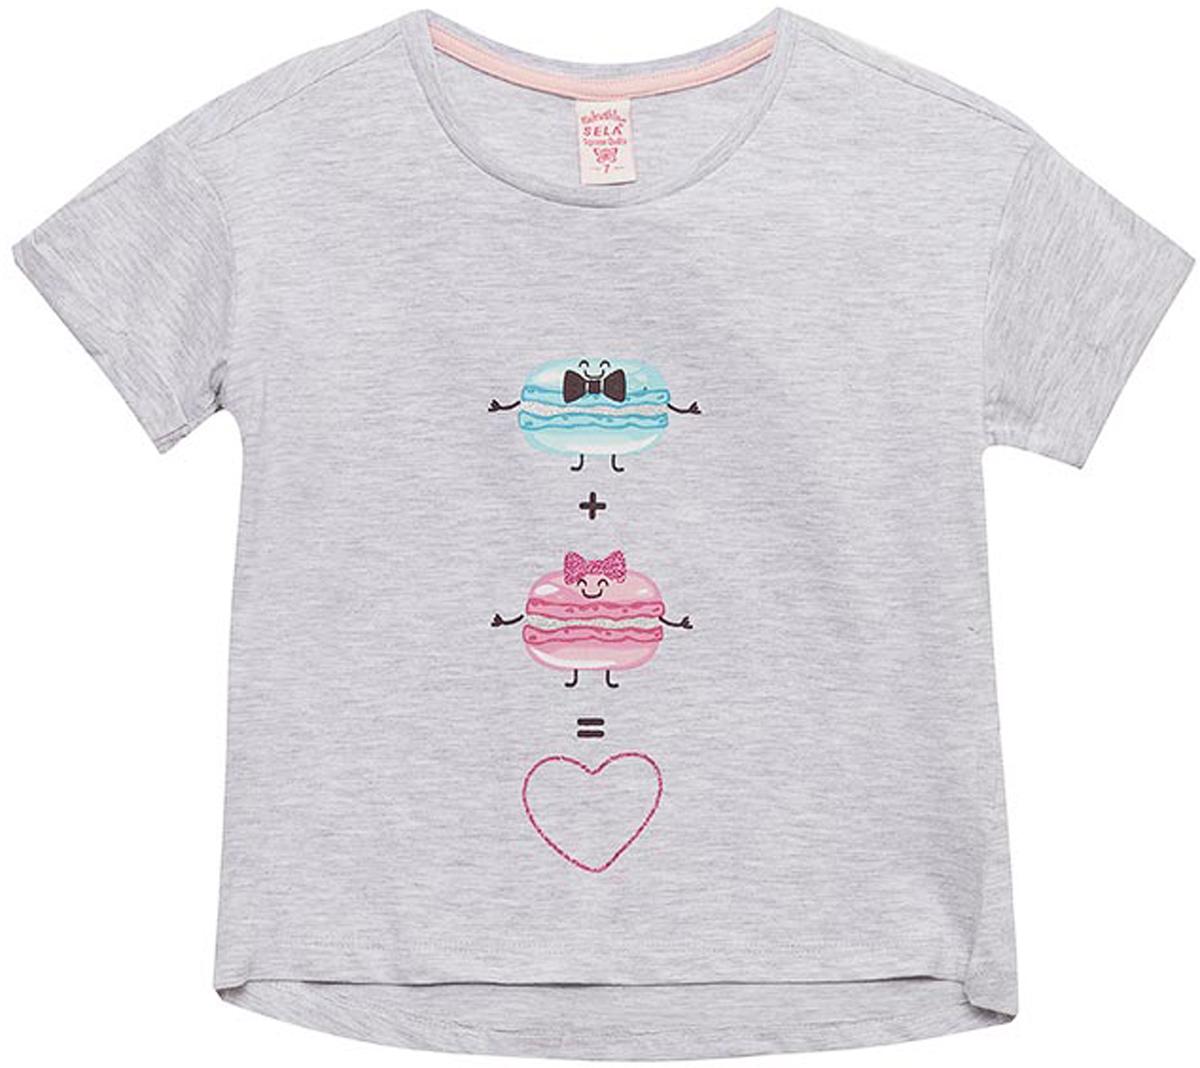 Футболка для девочки Sela, цвет: светло-серый. Ts-611/1188-8141. Размер 152Ts-611/1188-8141Футболка для девочки Sela выполнена из хлопка и полиэстера. Модель с круглым вырезом горловины и короткими рукавами.